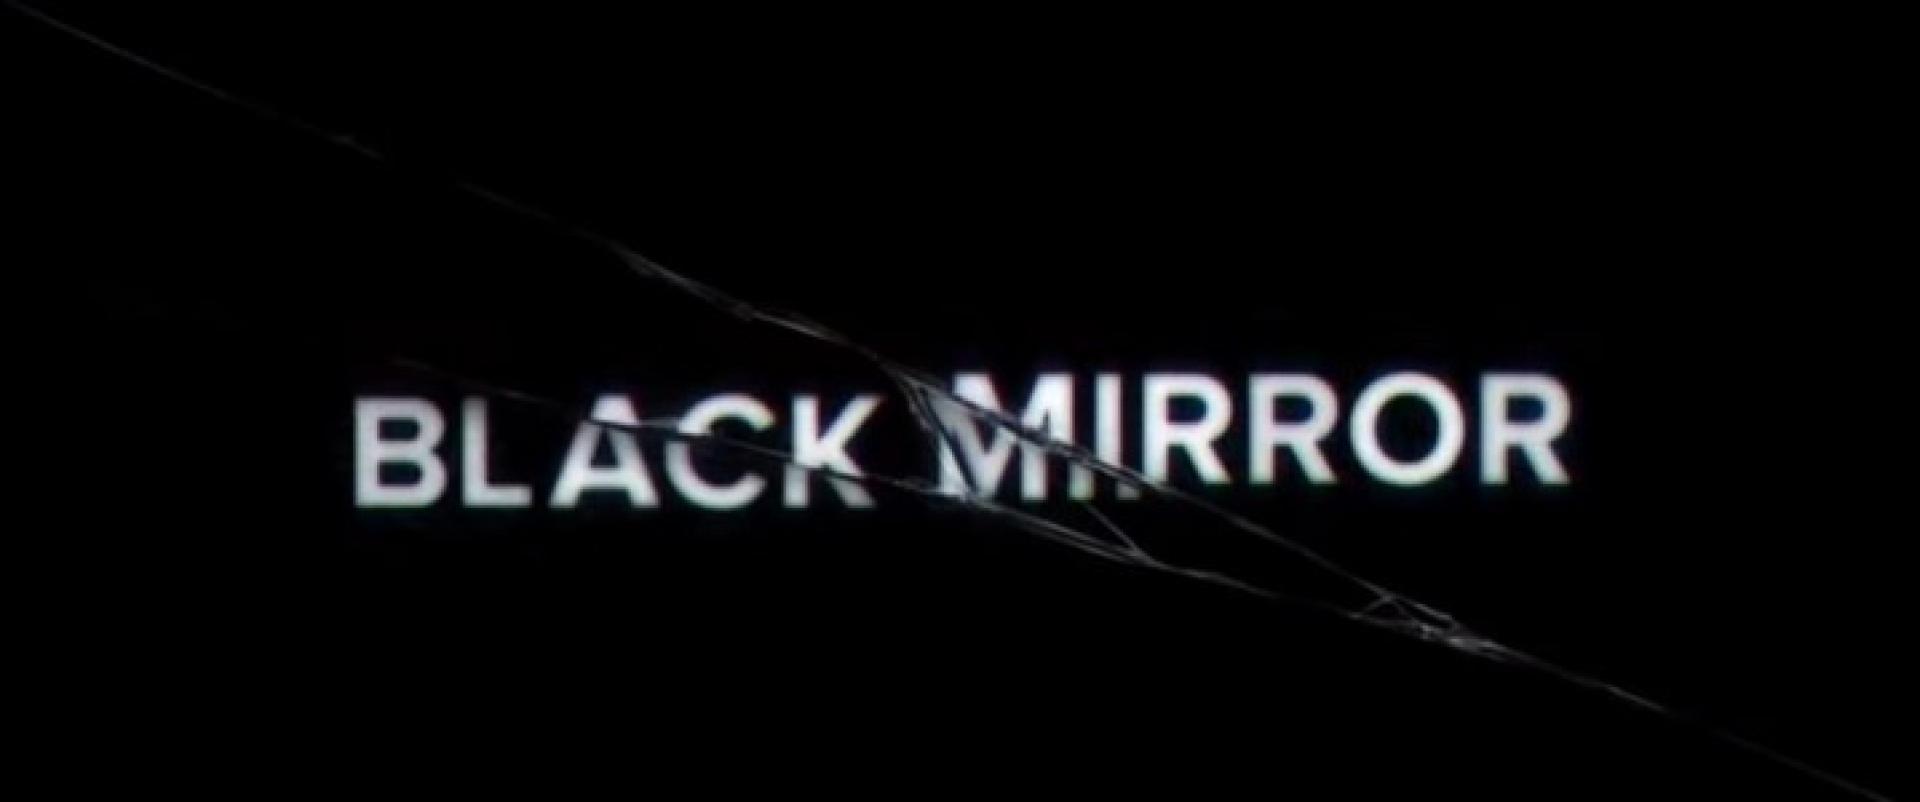 Black Mirror: 1. évad értékelése